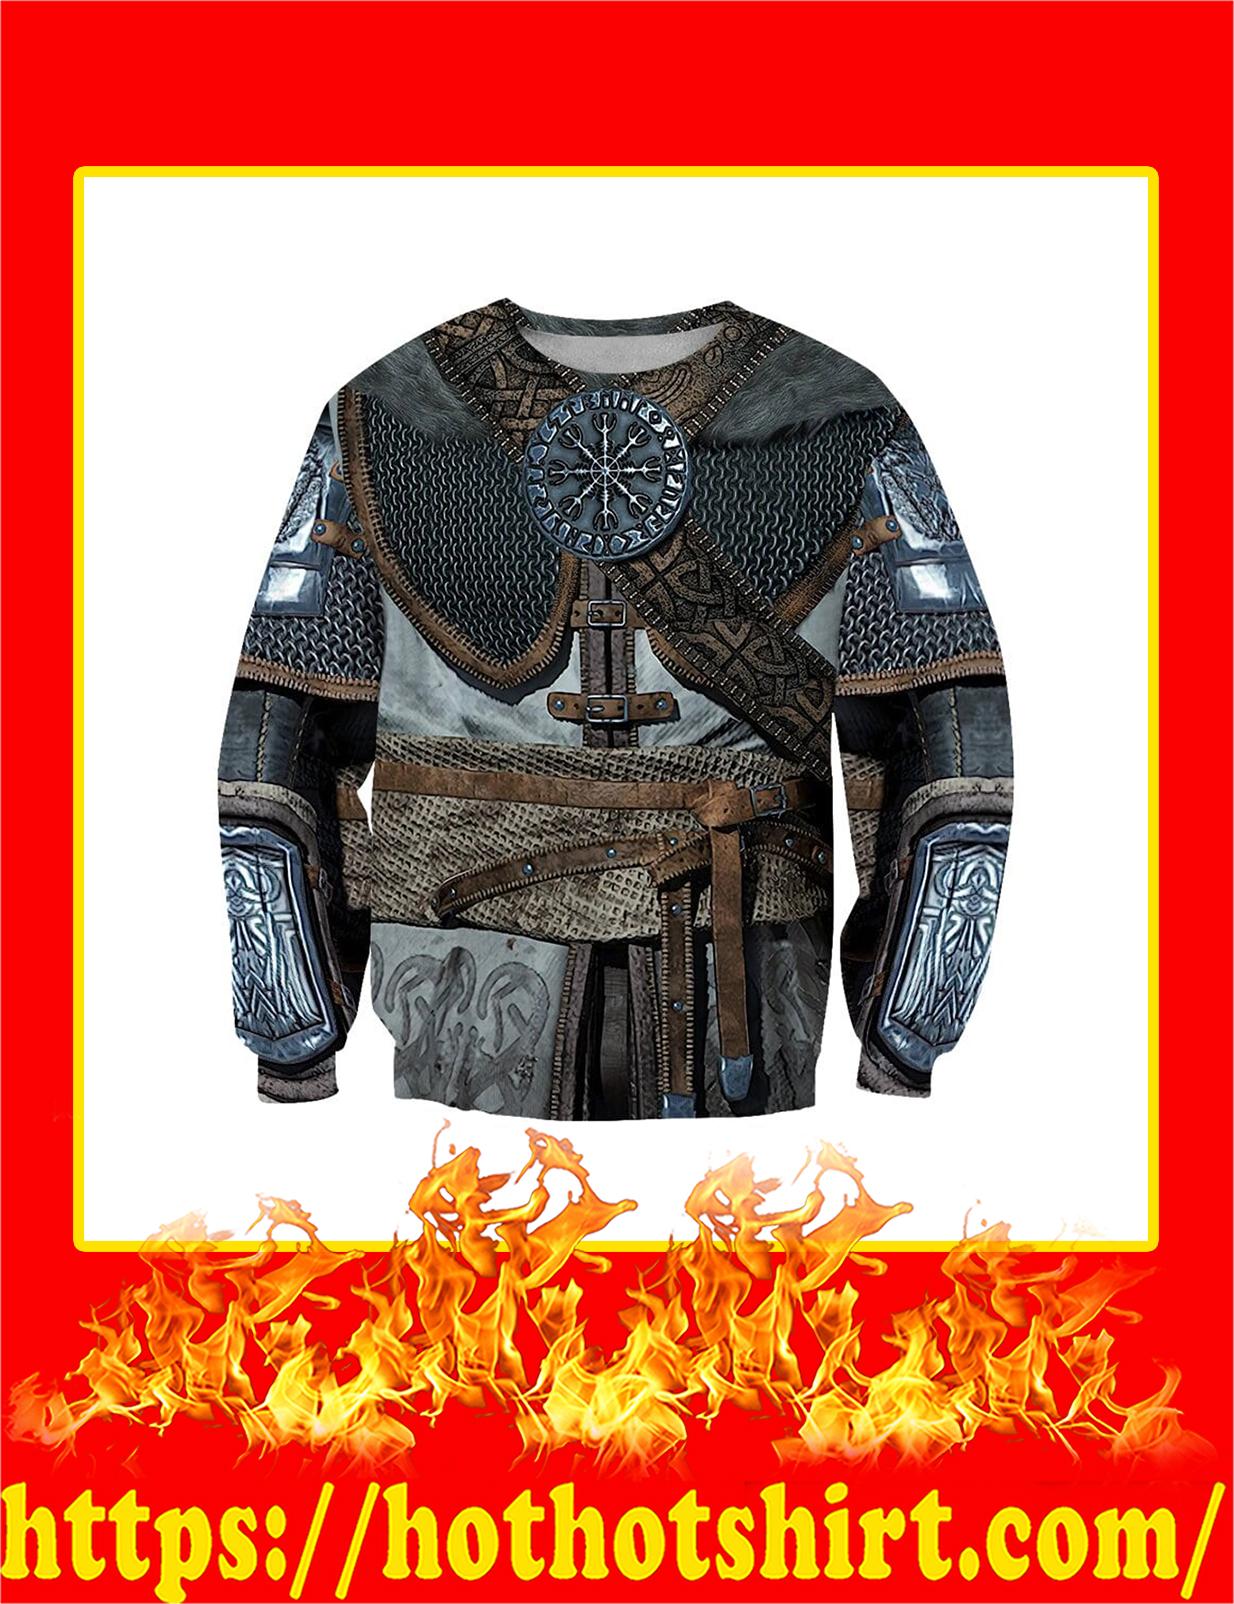 3D All Over Printed Vikings Armor Sweatshirt